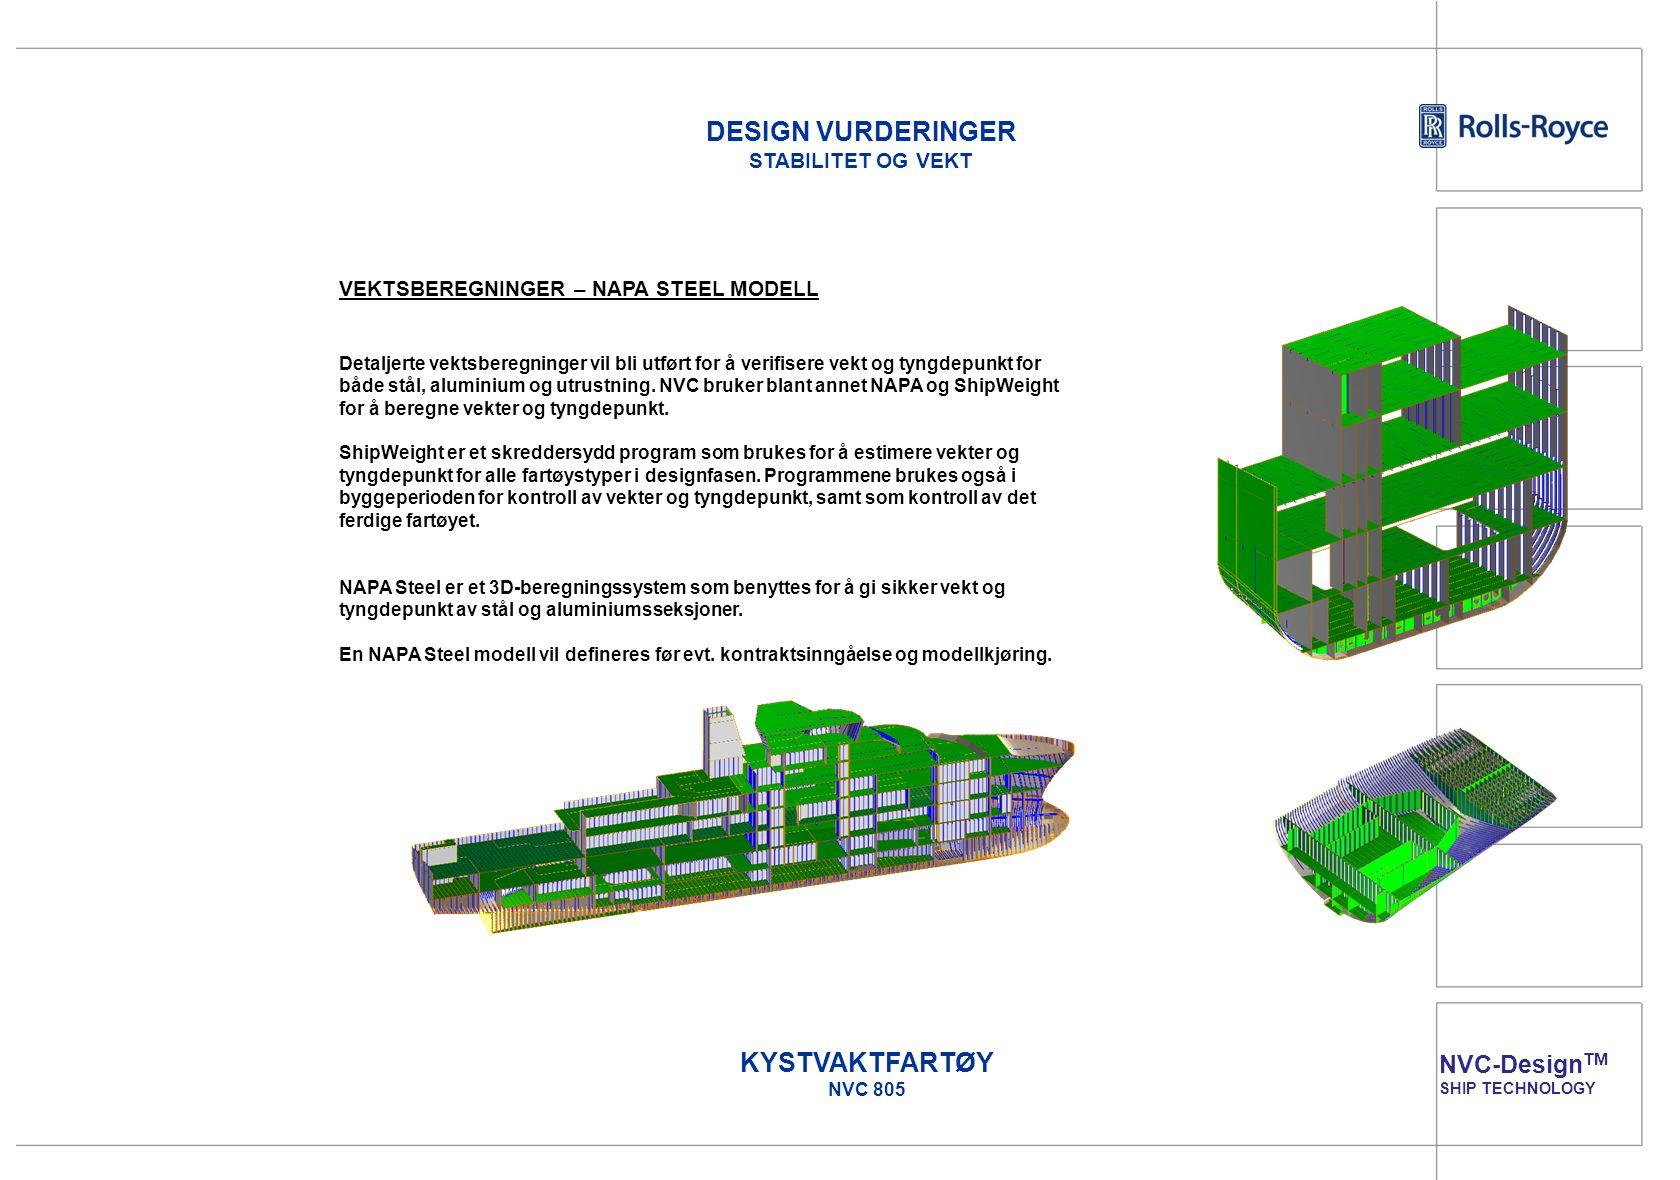 NVC-Design TM SHIP TECHNOLOGY KYSTVAKTFARTØY NVC 805 VEKTSBEREGNINGER – NAPA STEEL MODELL Detaljerte vektsberegninger vil bli utført for å verifisere